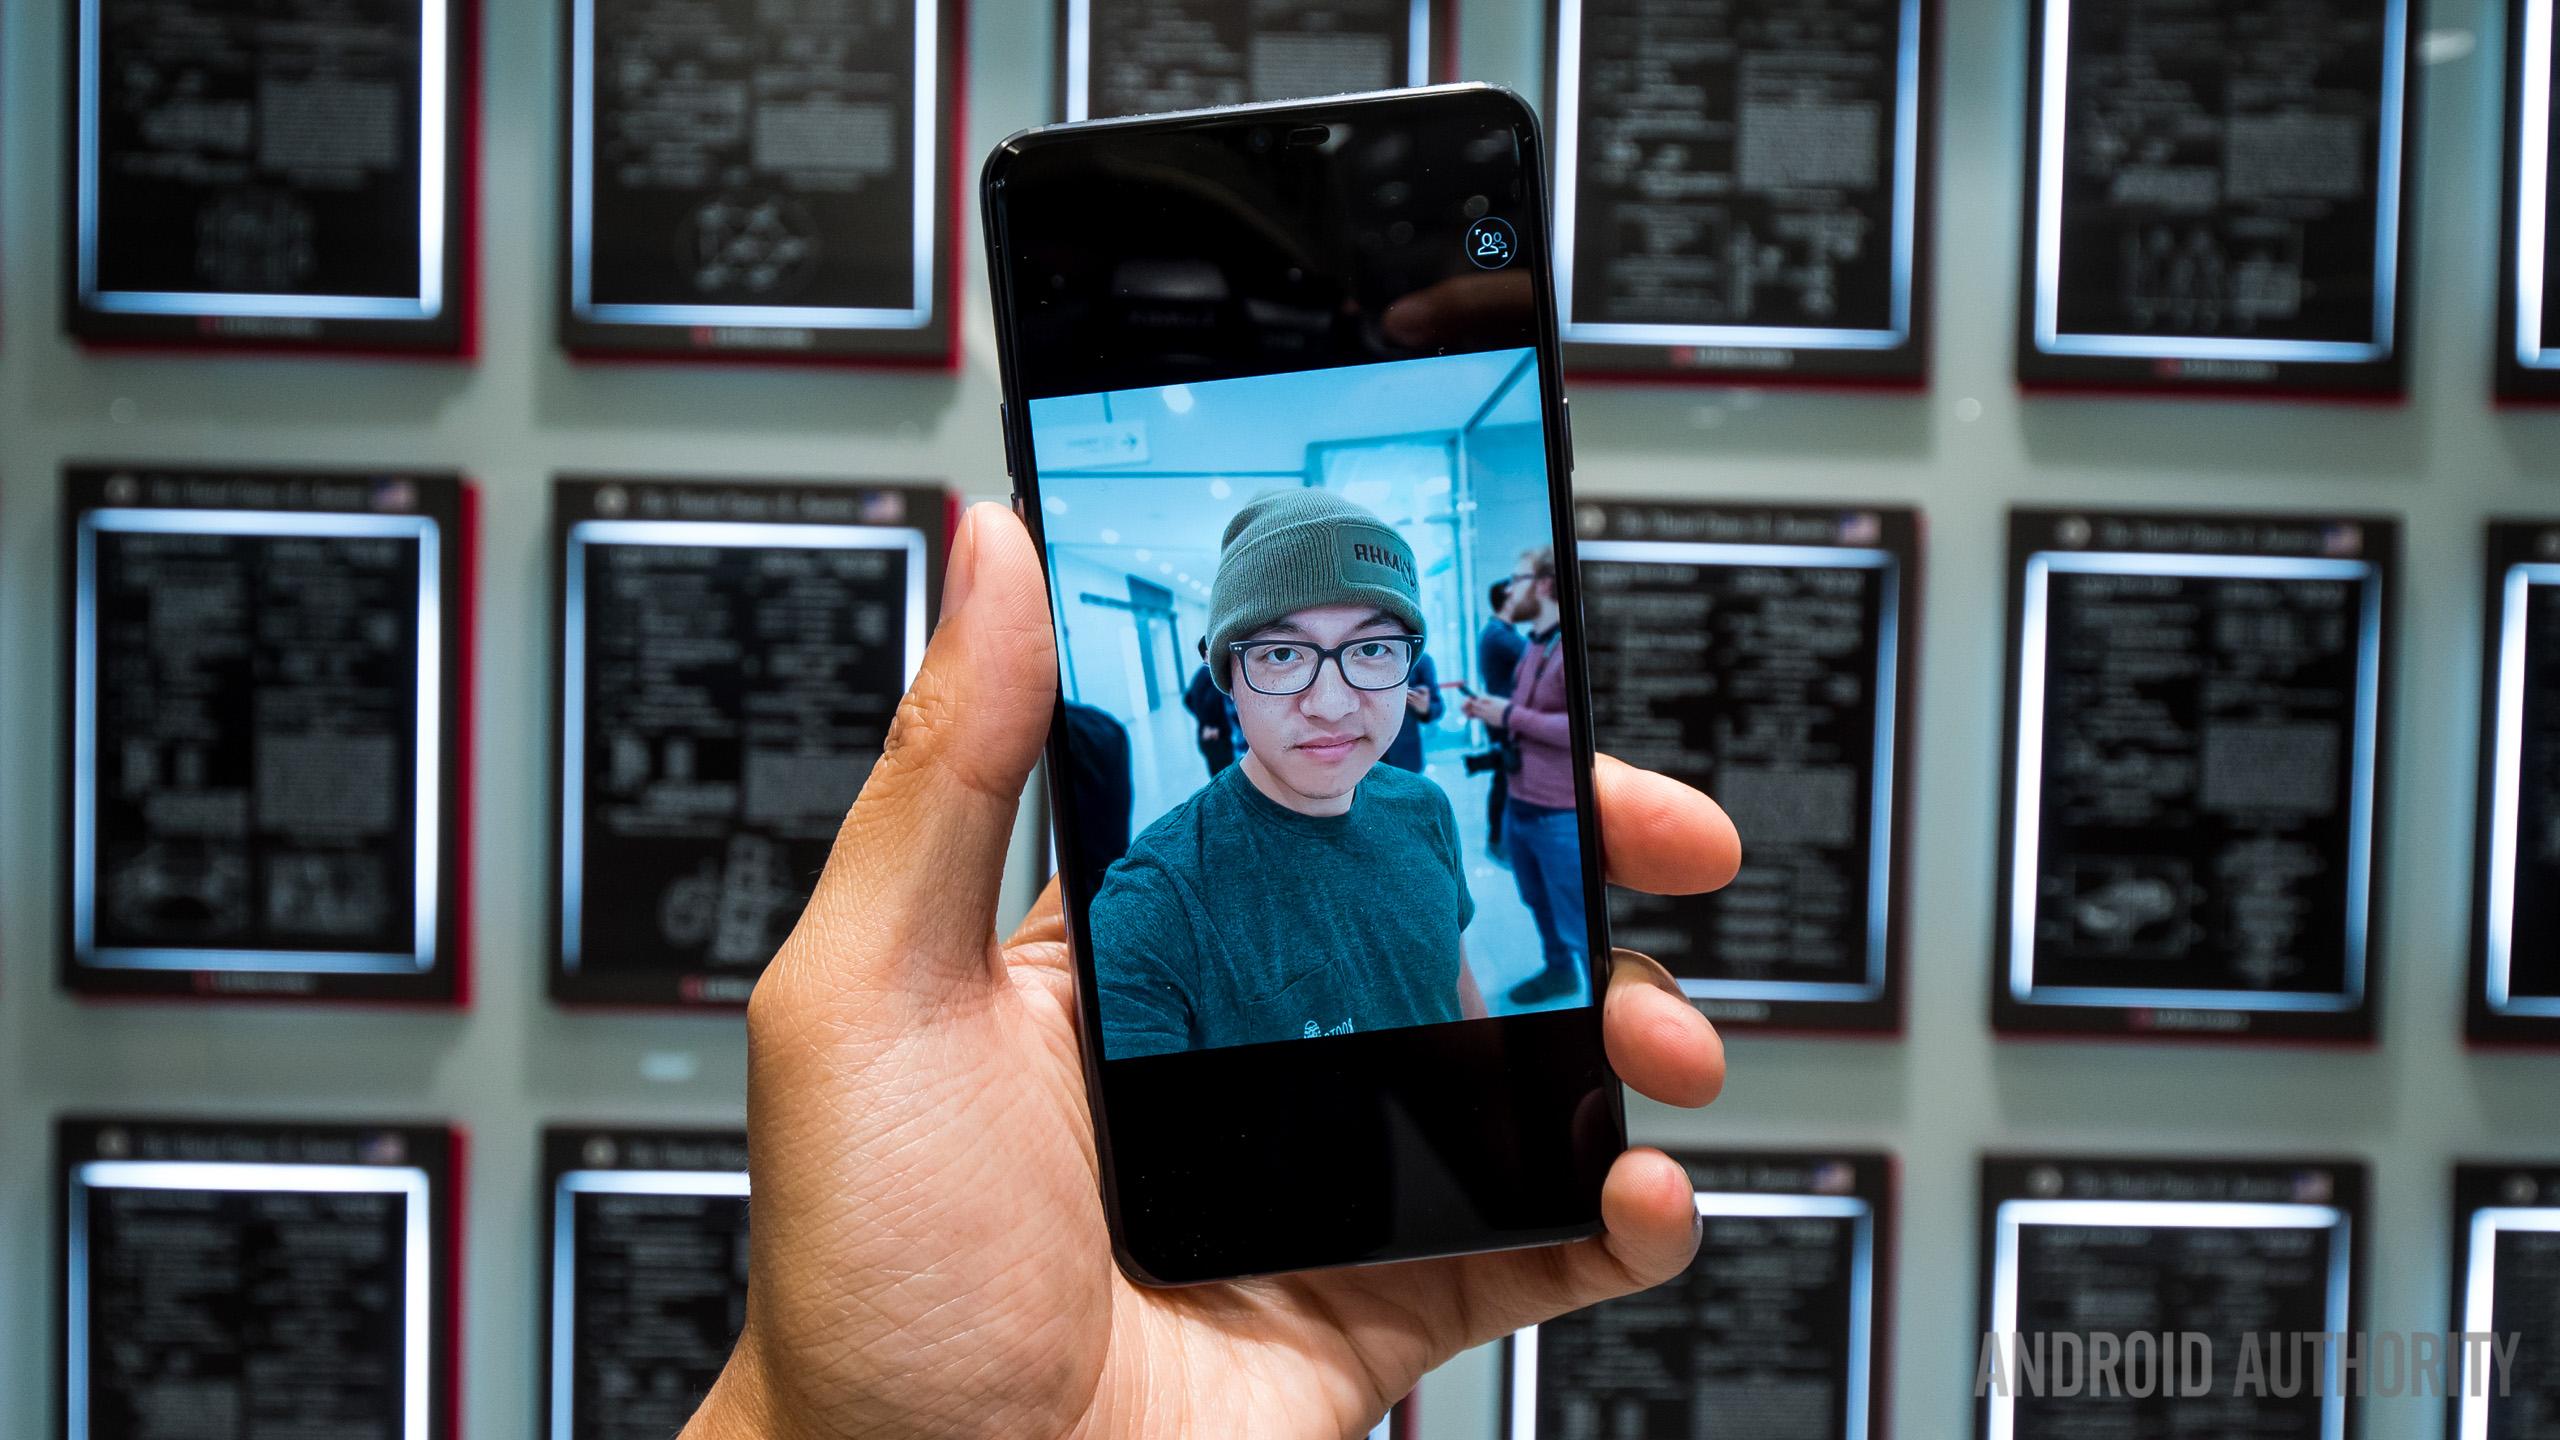 LG G7 closed room selfie